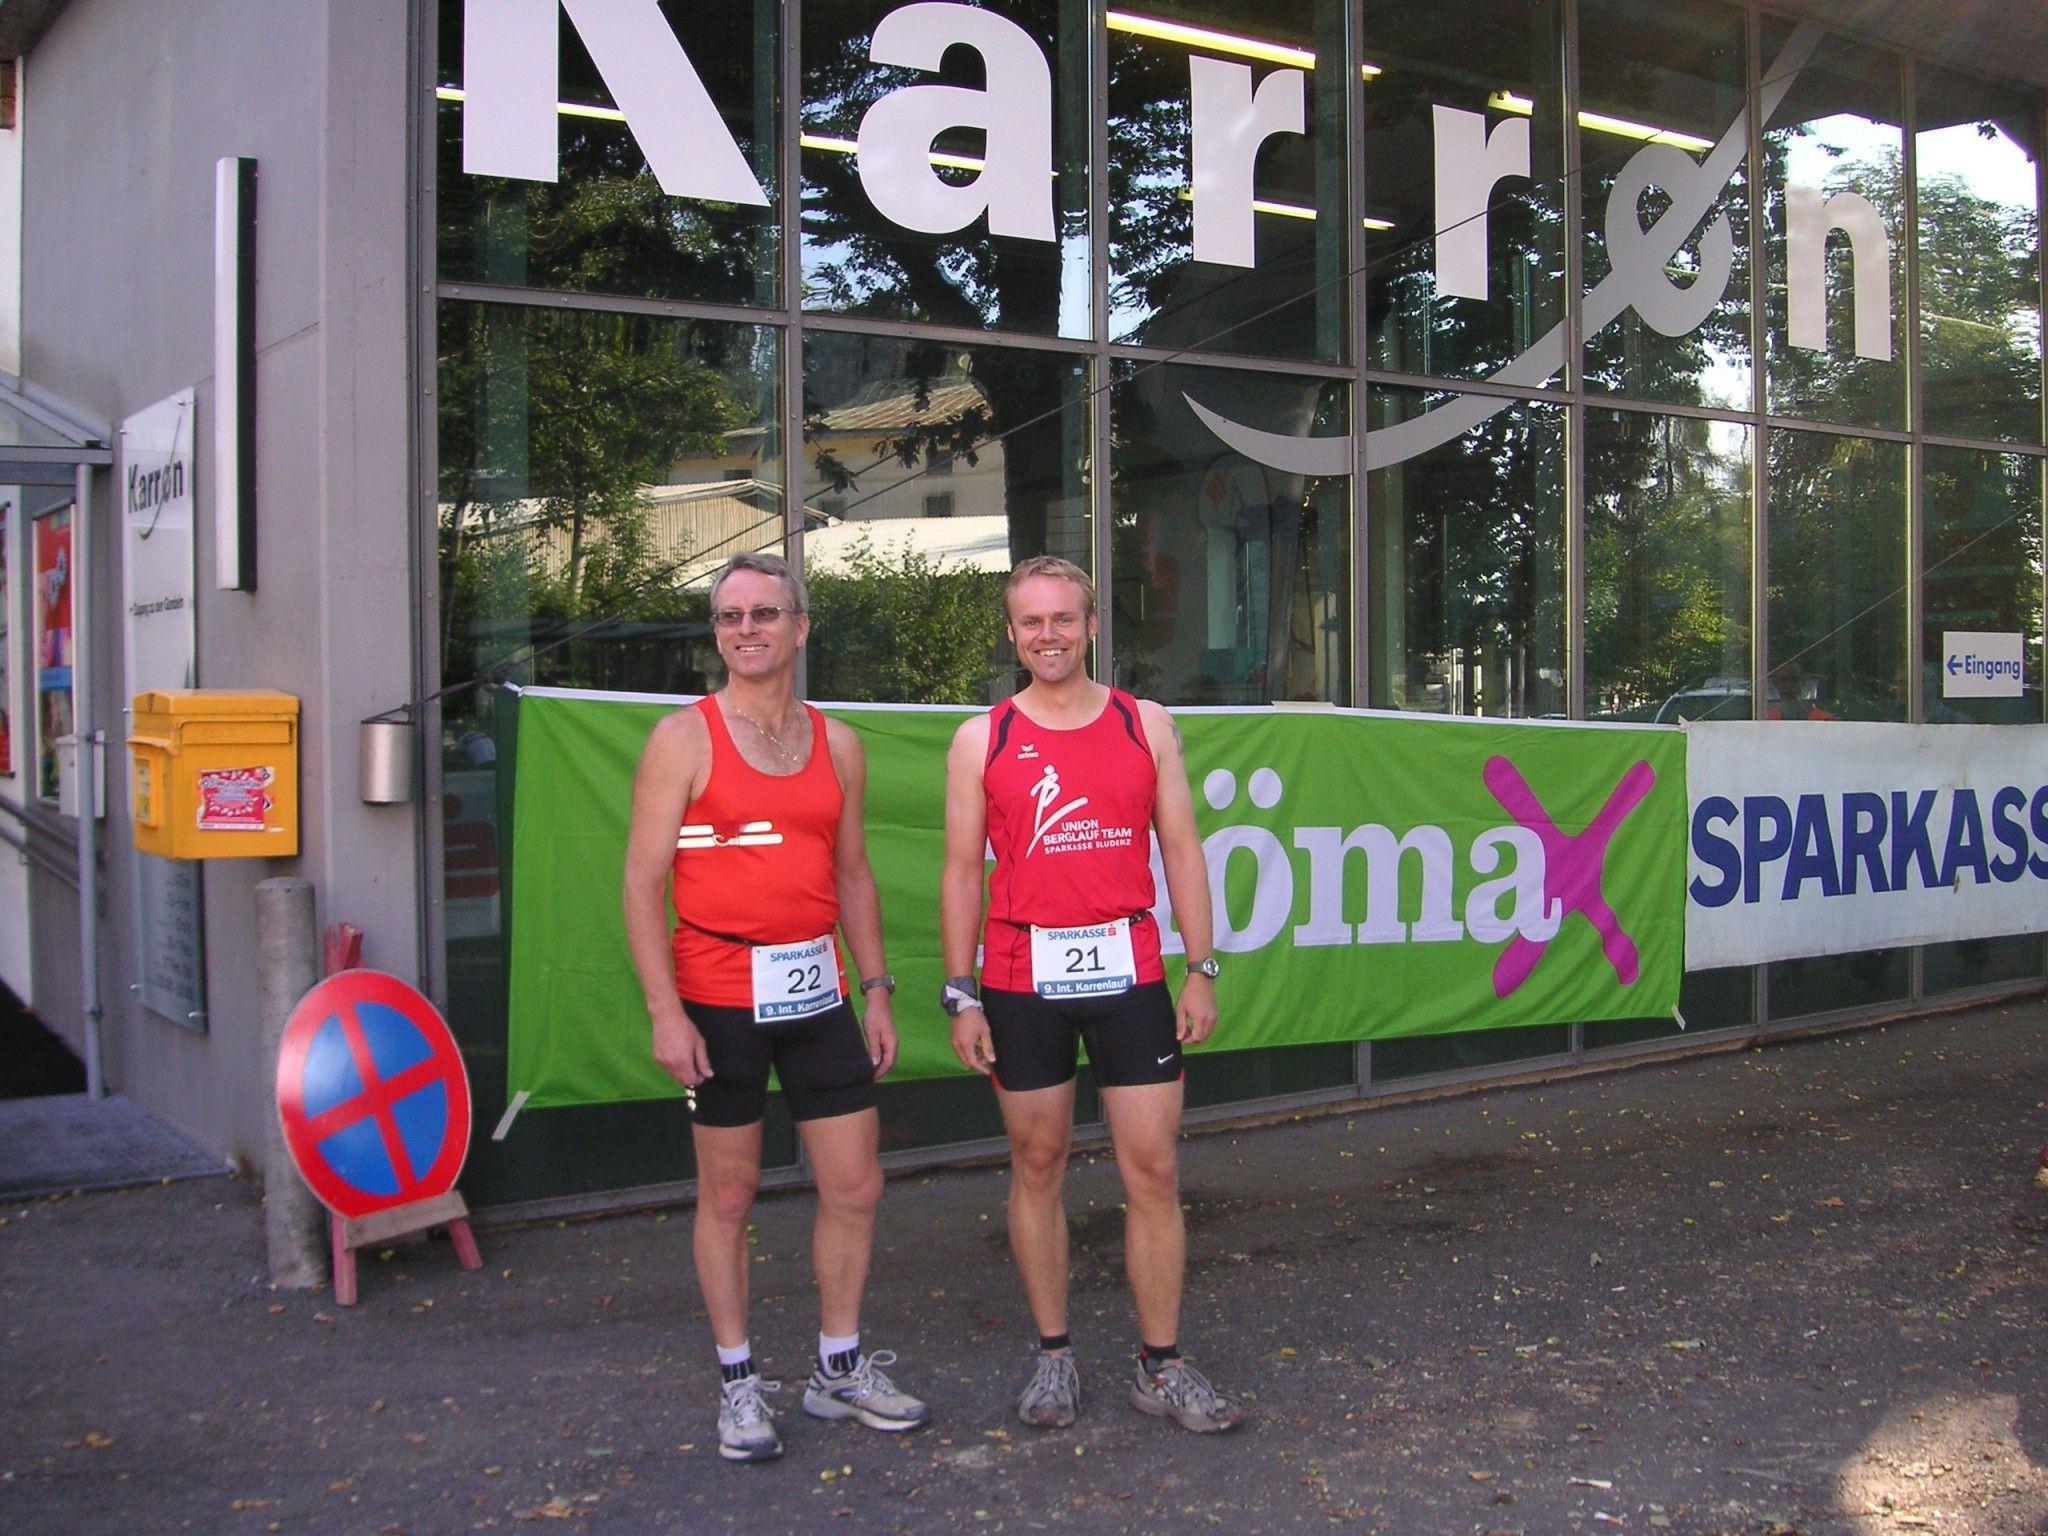 Ralf Schroeder und Sascha Walch nutzten den Karrenlauf als Trainingseinheit für die Vereinsmeisterschaft in Gargellen